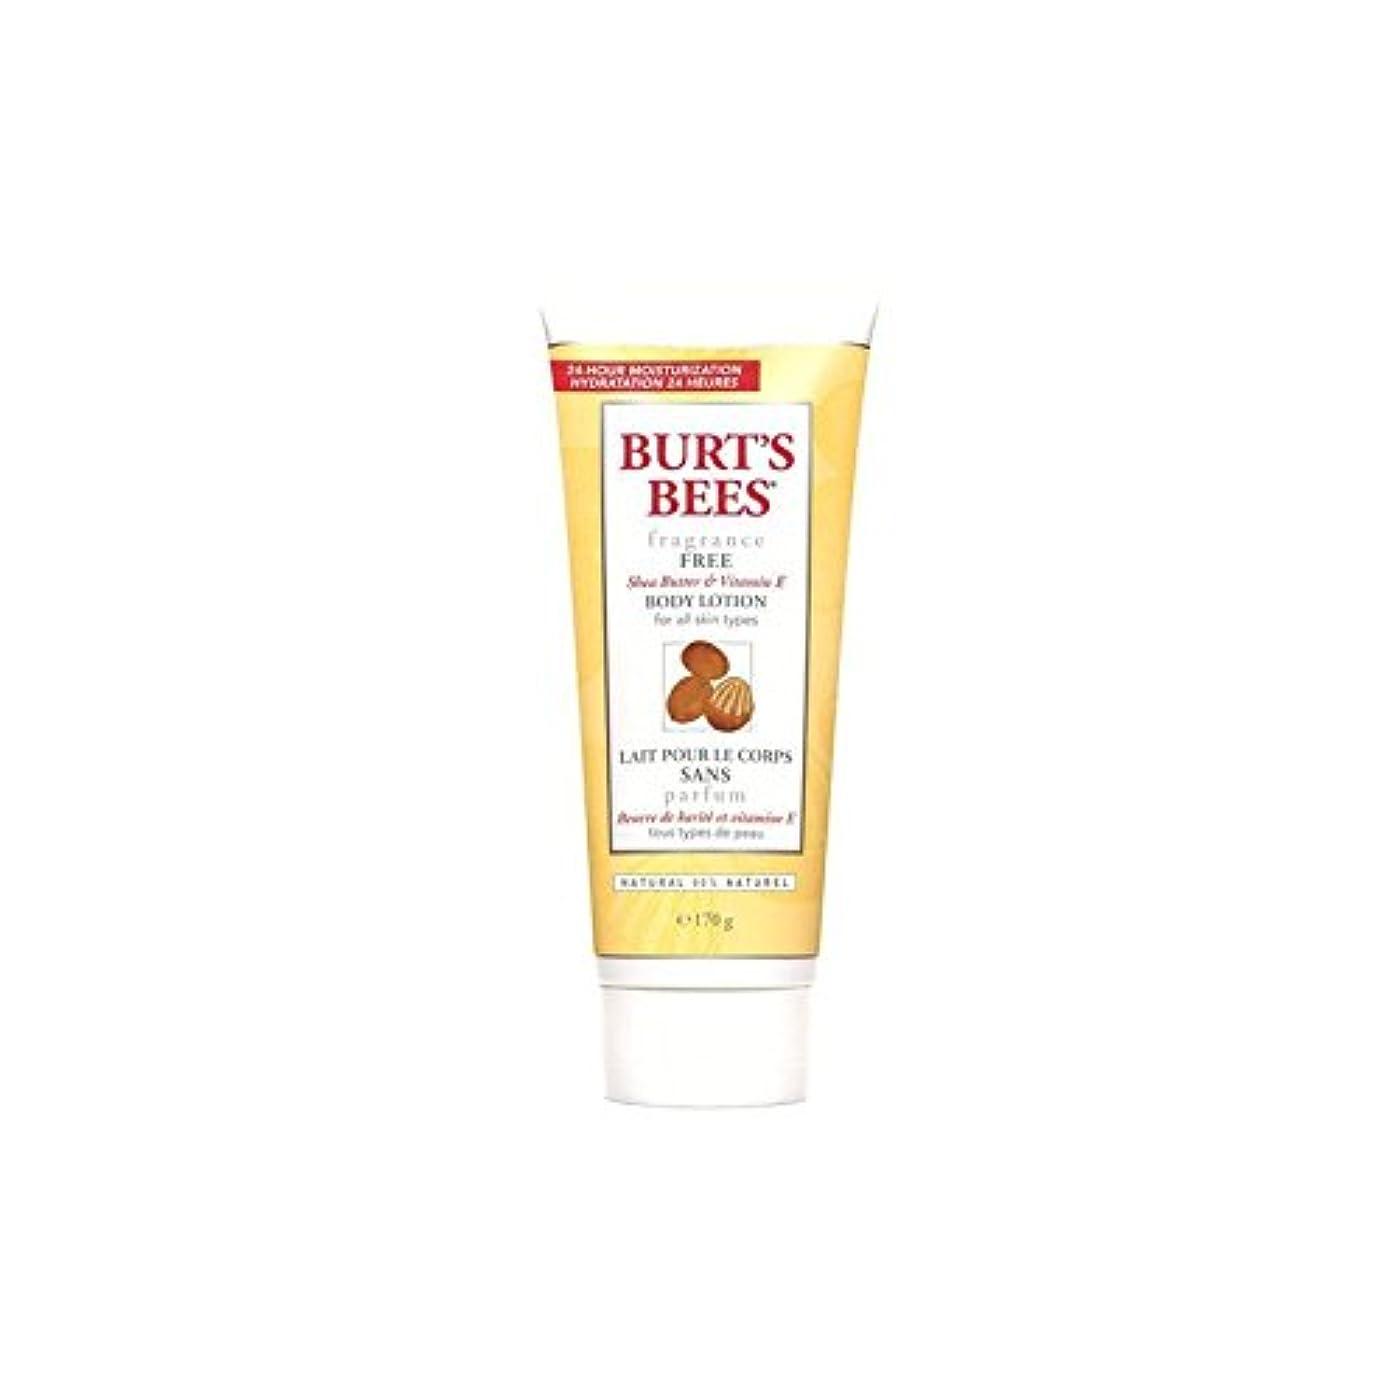 イヤホン艶推測するバーツビーボディローション - 無香料6オンス x2 - Burt's Bees Body Lotion - Fragrance Free 6fl oz (Pack of 2) [並行輸入品]